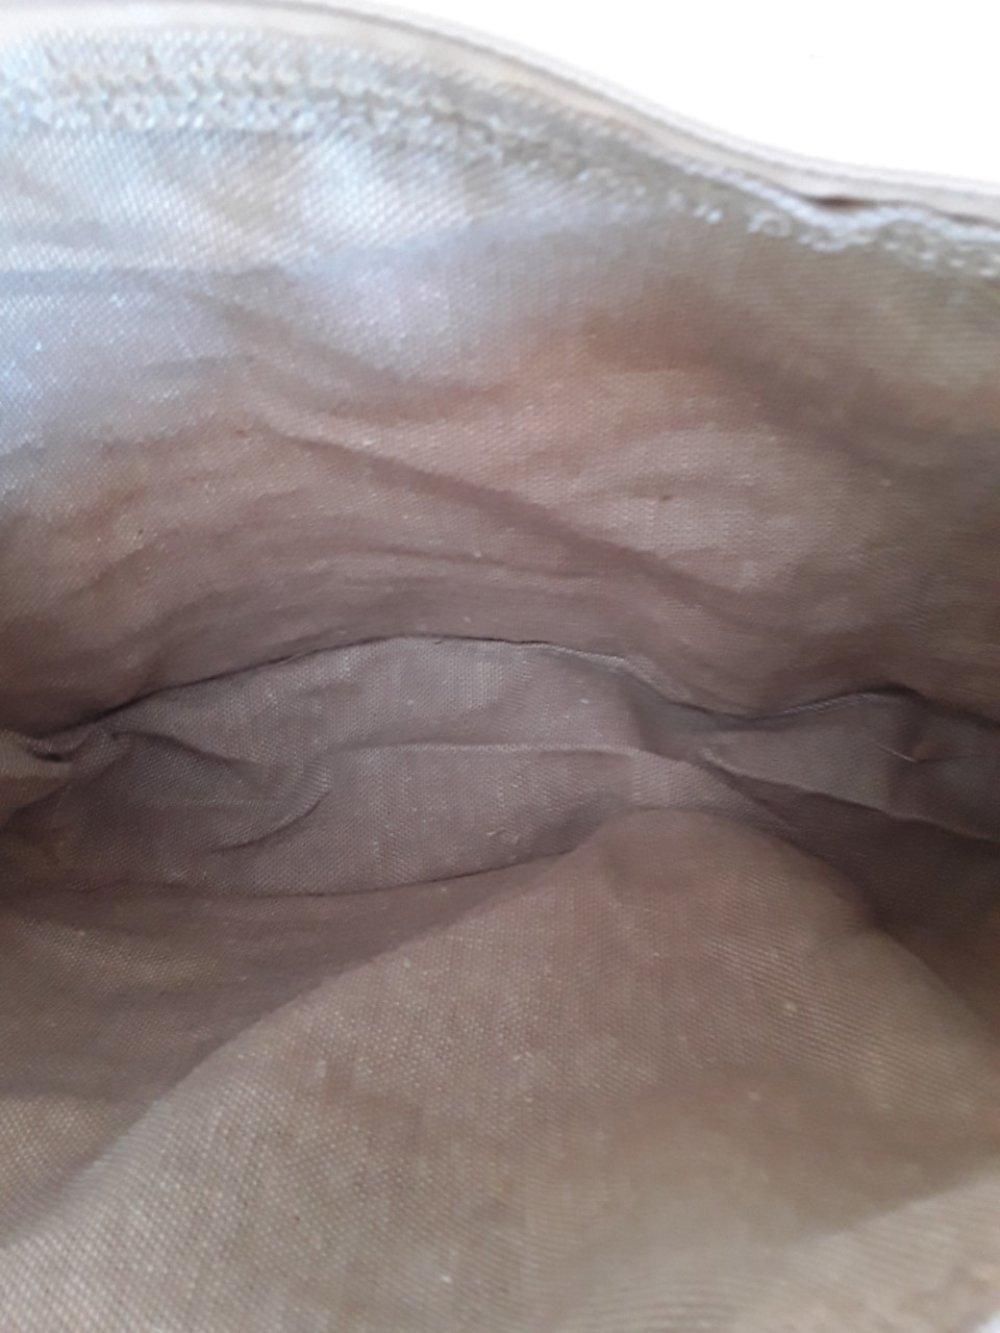 trousse, beige, lignes dorées, teckel noir assis ,  doublée, tirette , 25/15/5cm,, breloque